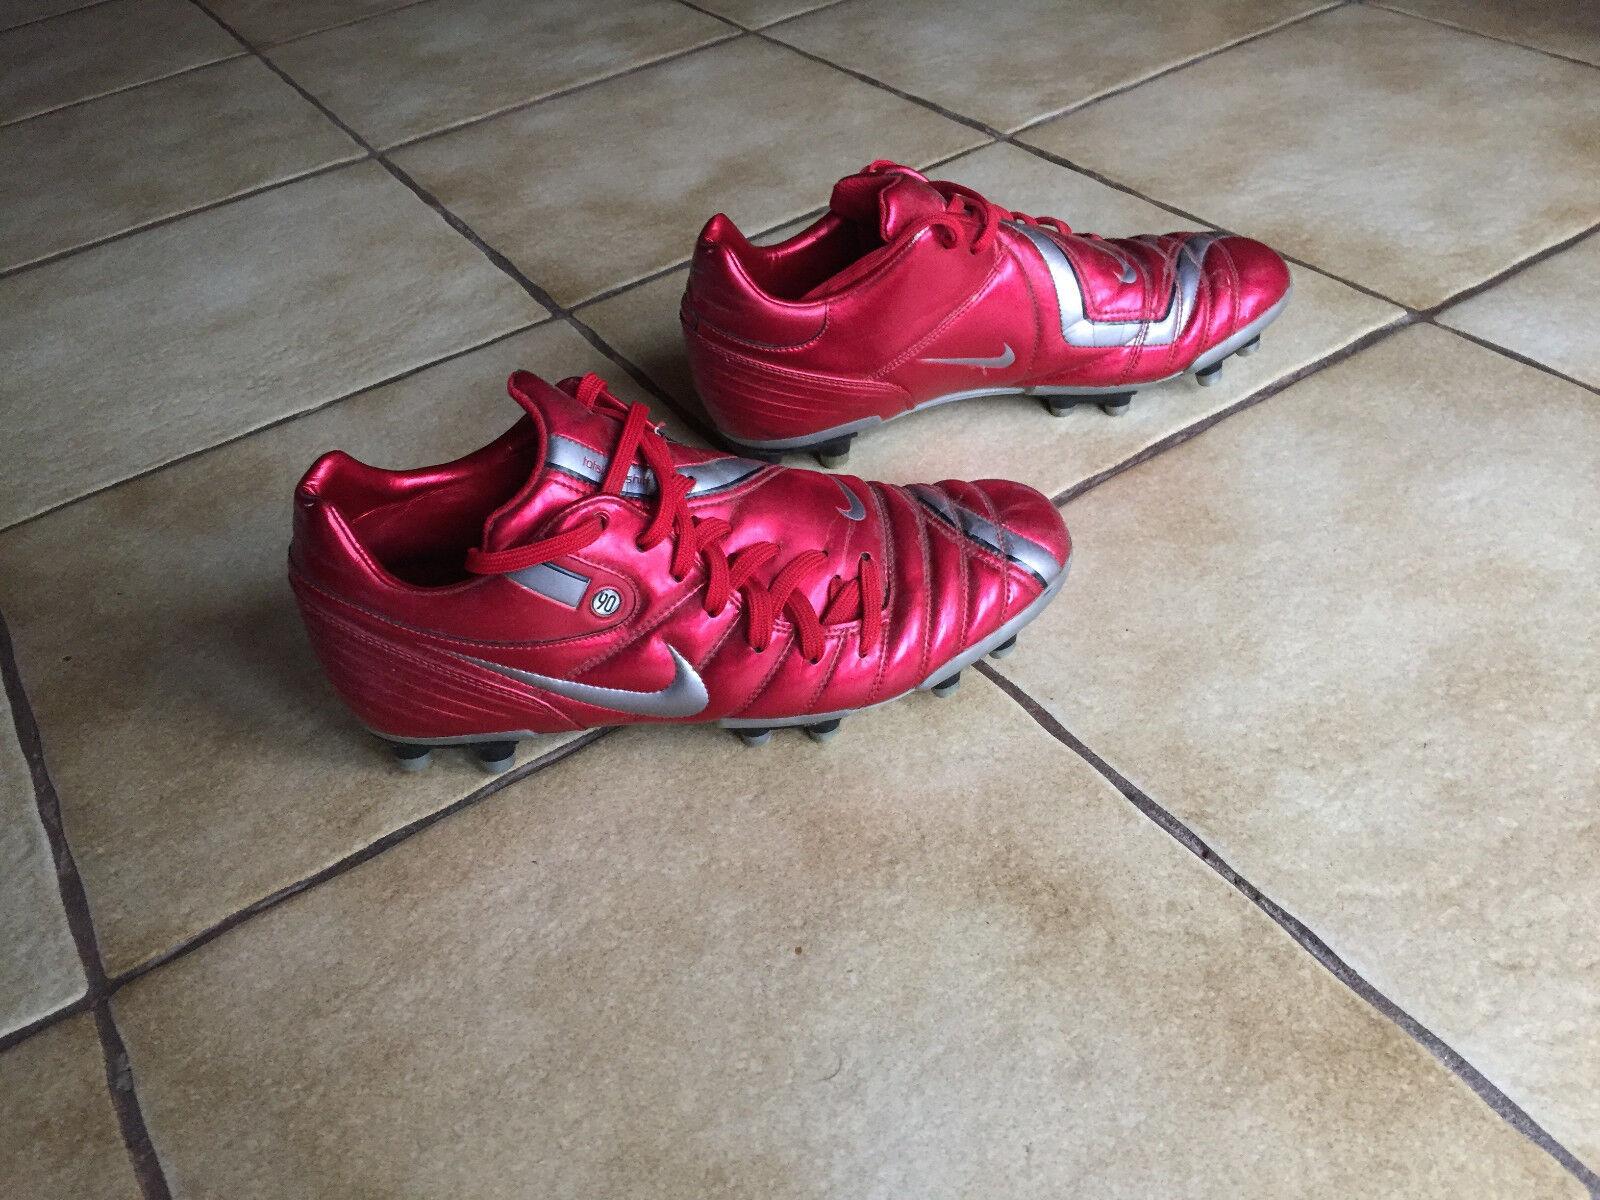 NIKE AIR ZOOM TIEMPO TOTAL 90 FG Fußballschuhe; Größe 44; rot; sehr selten